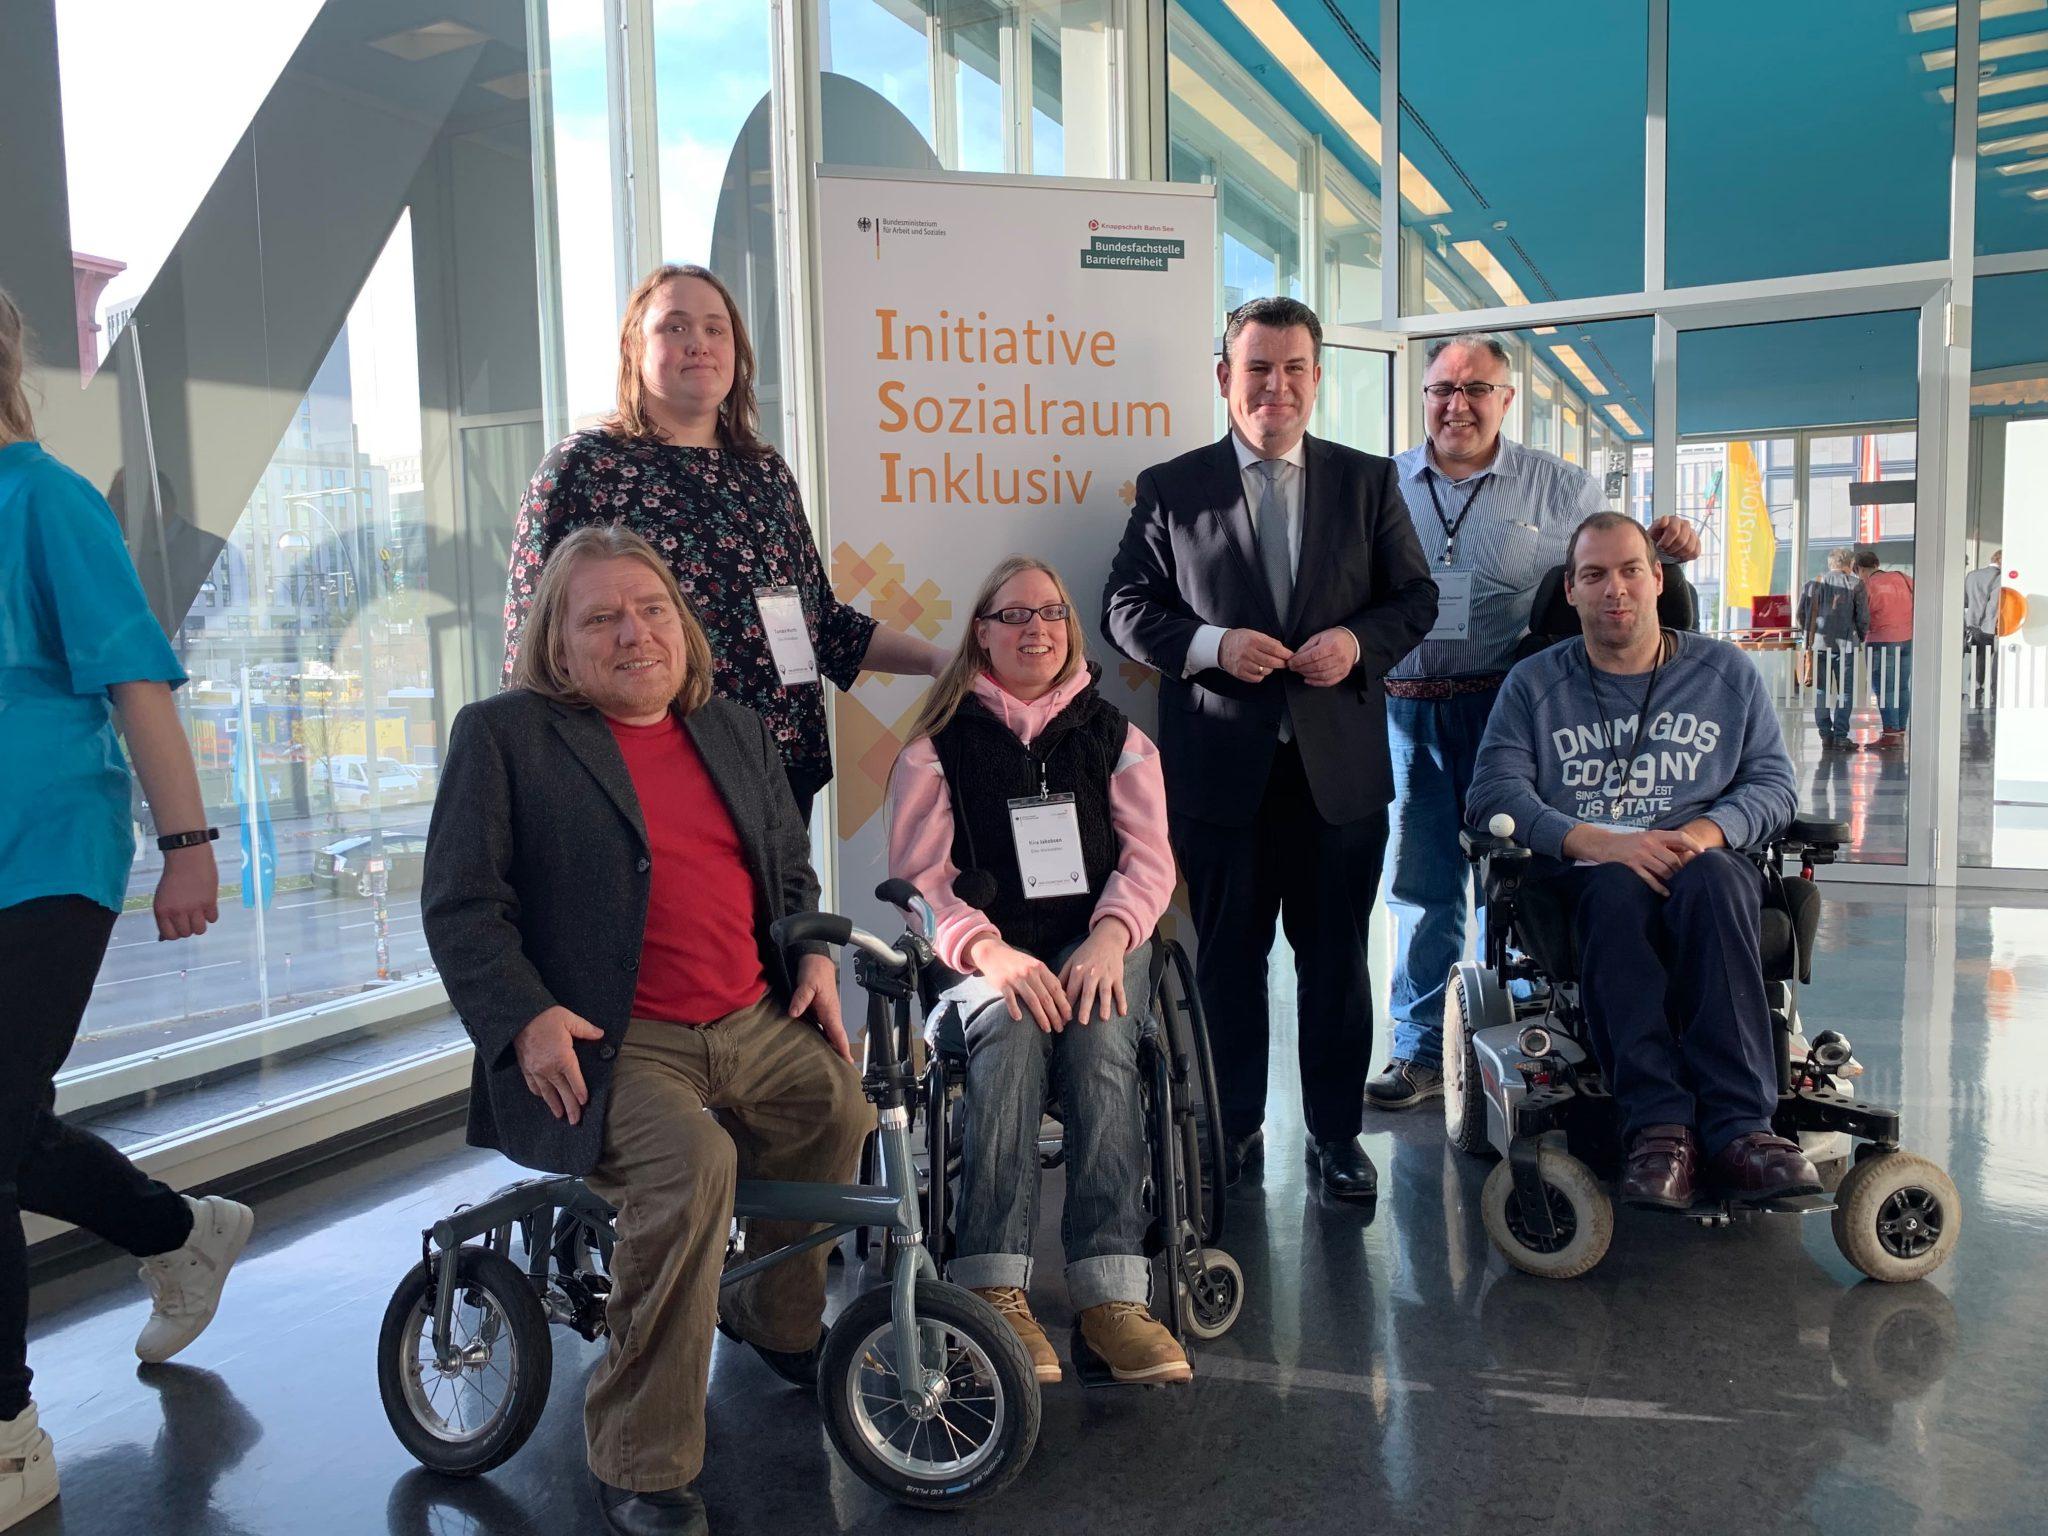 Eine Gruppe von Menschen mit Behinderung gemeinsam mit Arbeitsminister Hubertus Heil